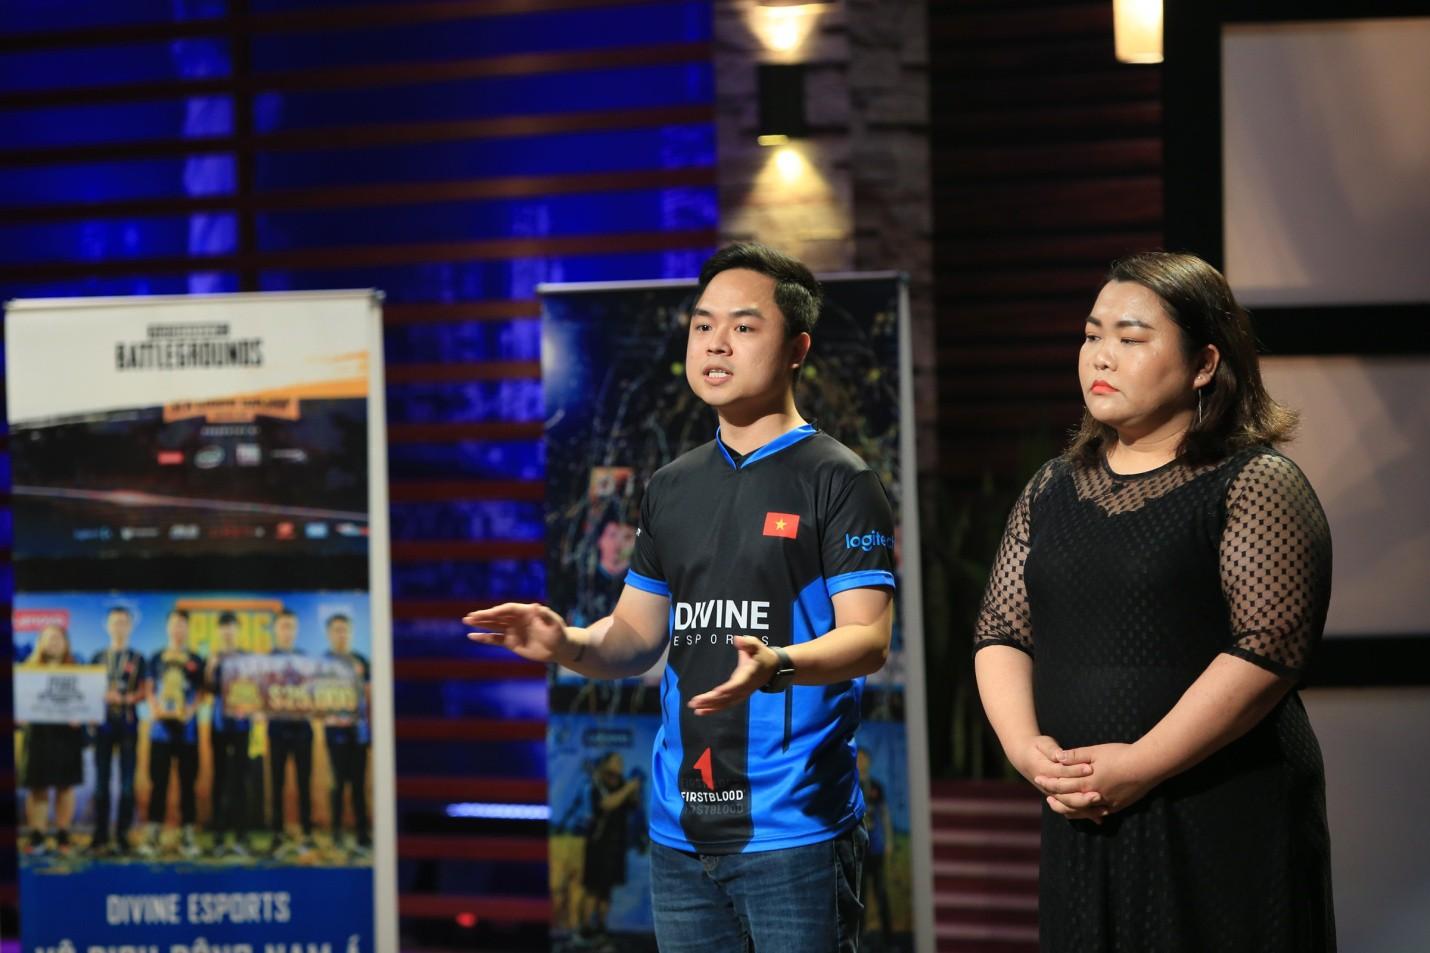 5 'cá mập' Shark Tanh Việt Nam lắc đầu, công ty biến chơi game thành nghề nghiêm túc gọi vốn thất bại - Ảnh 1.